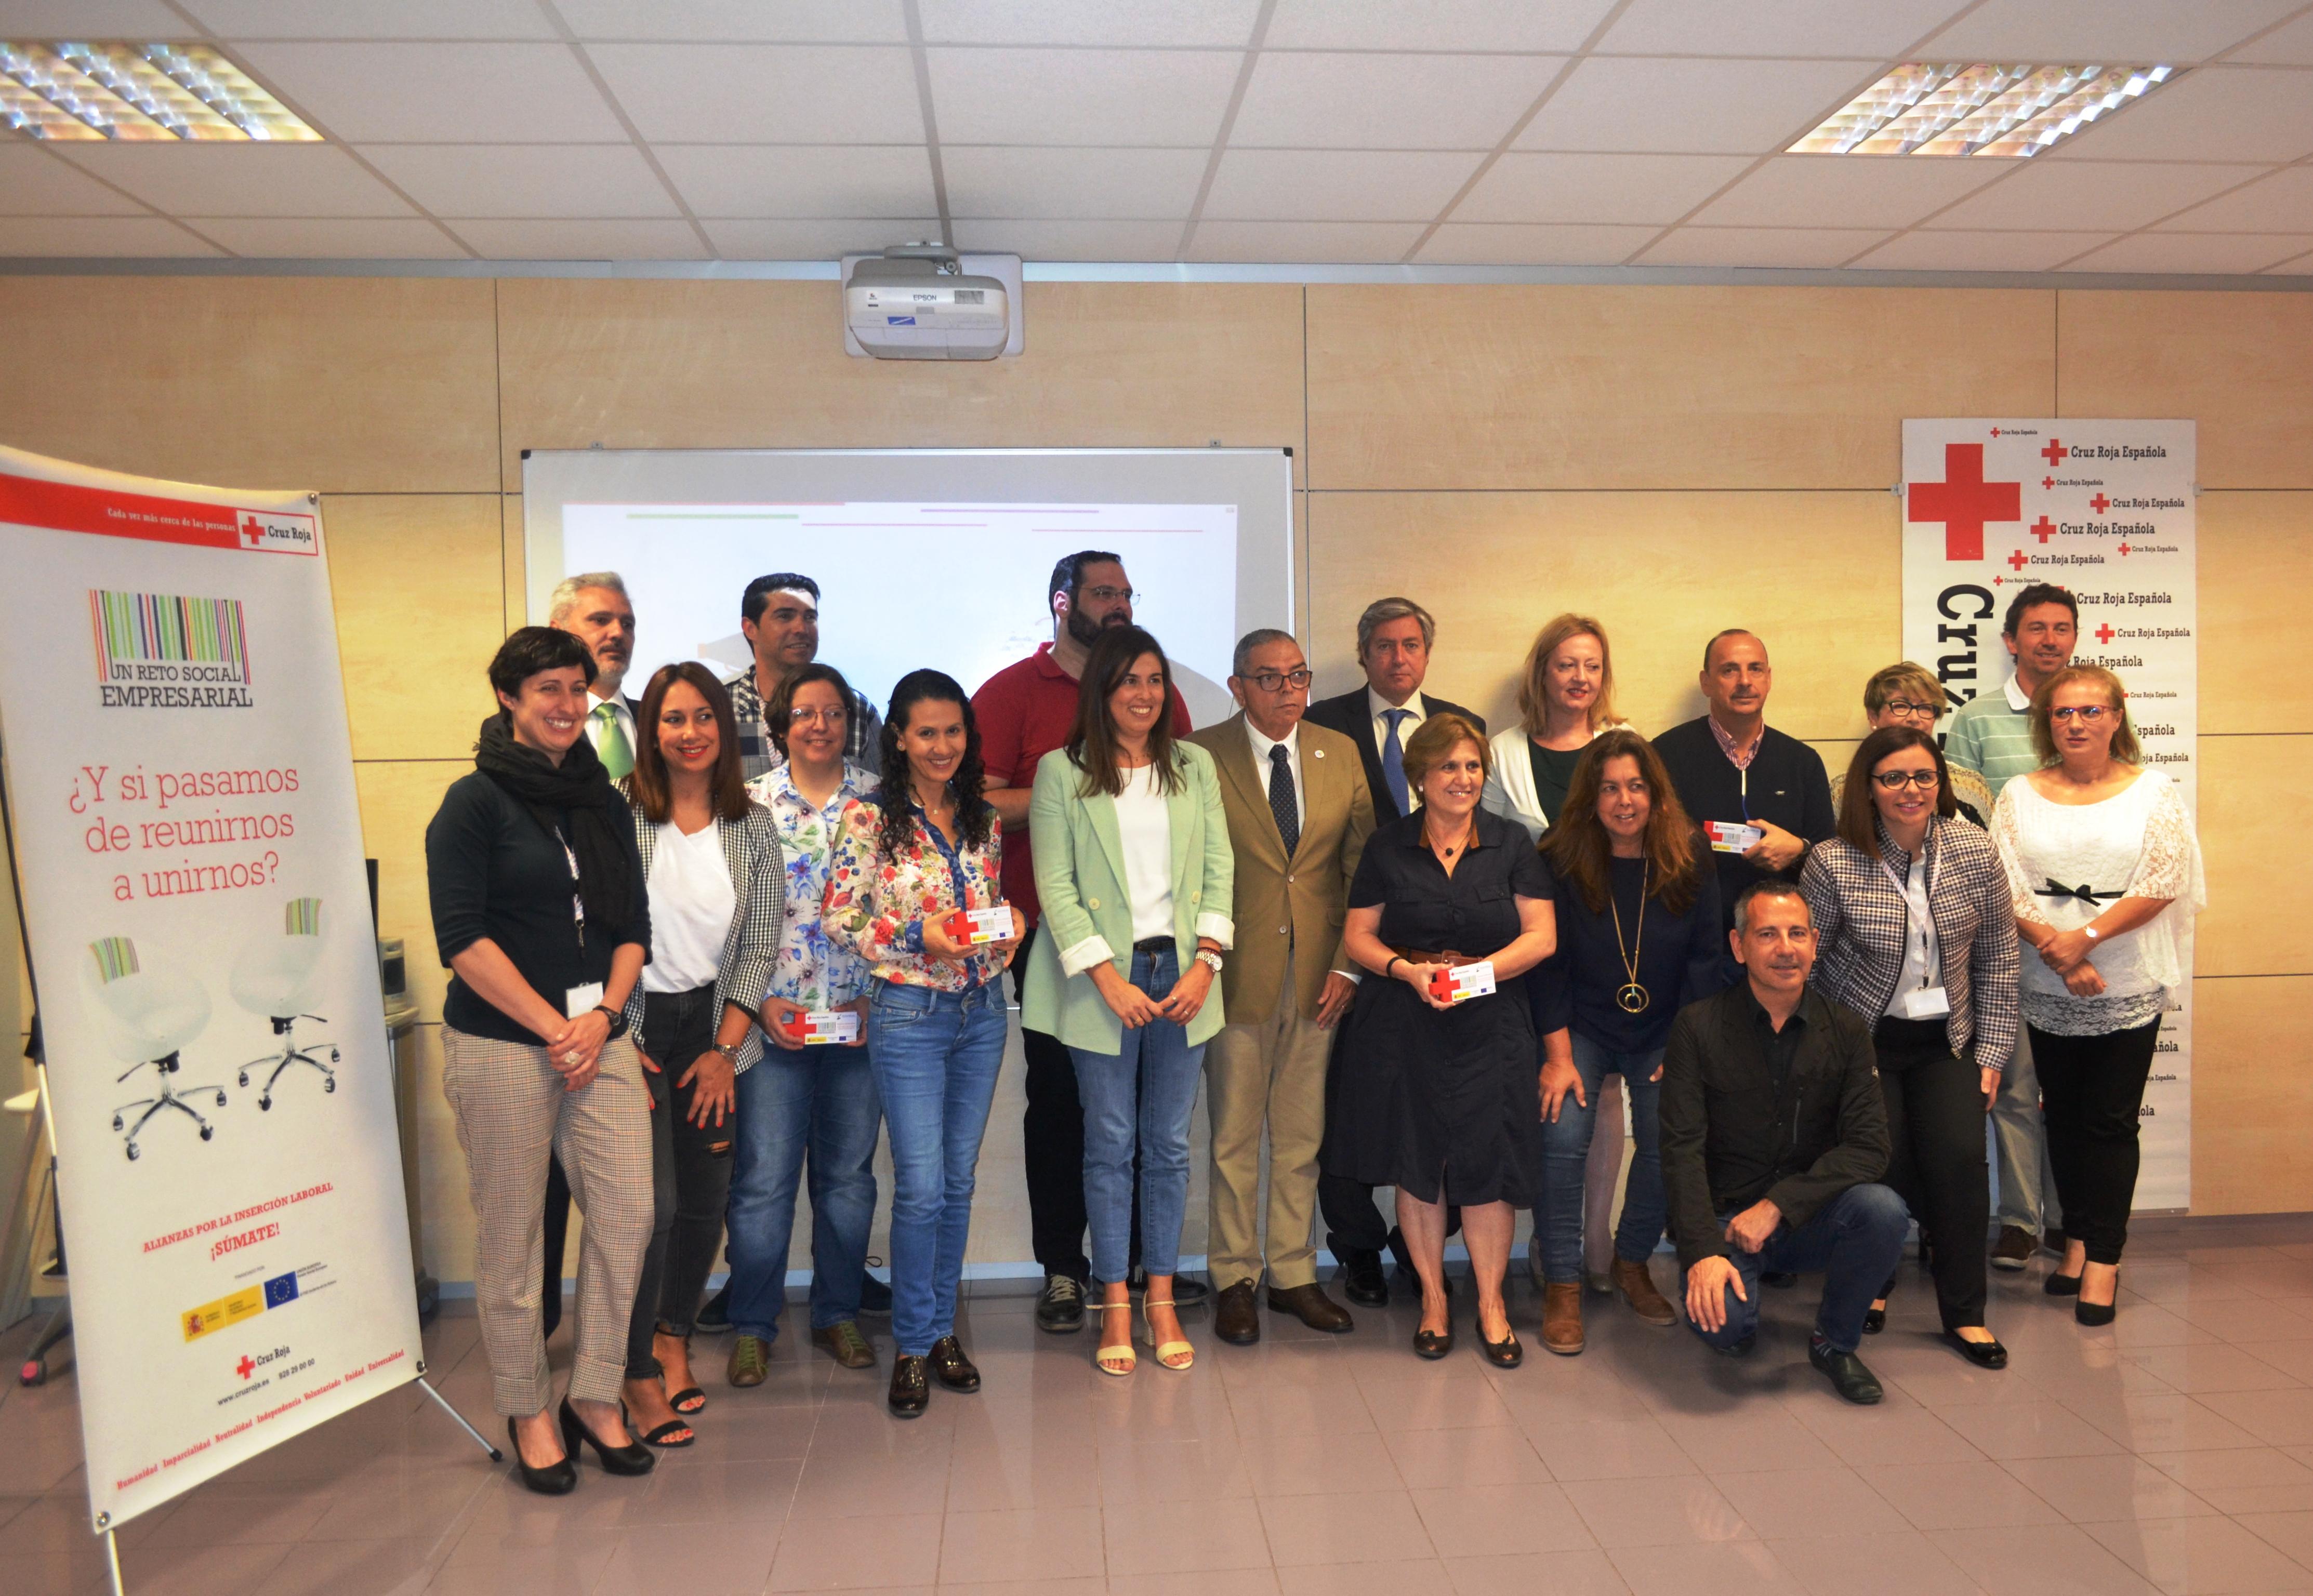 Más de 200 empresas colaboran con Cruz Roja para mejorar la empleabilidad de las personas